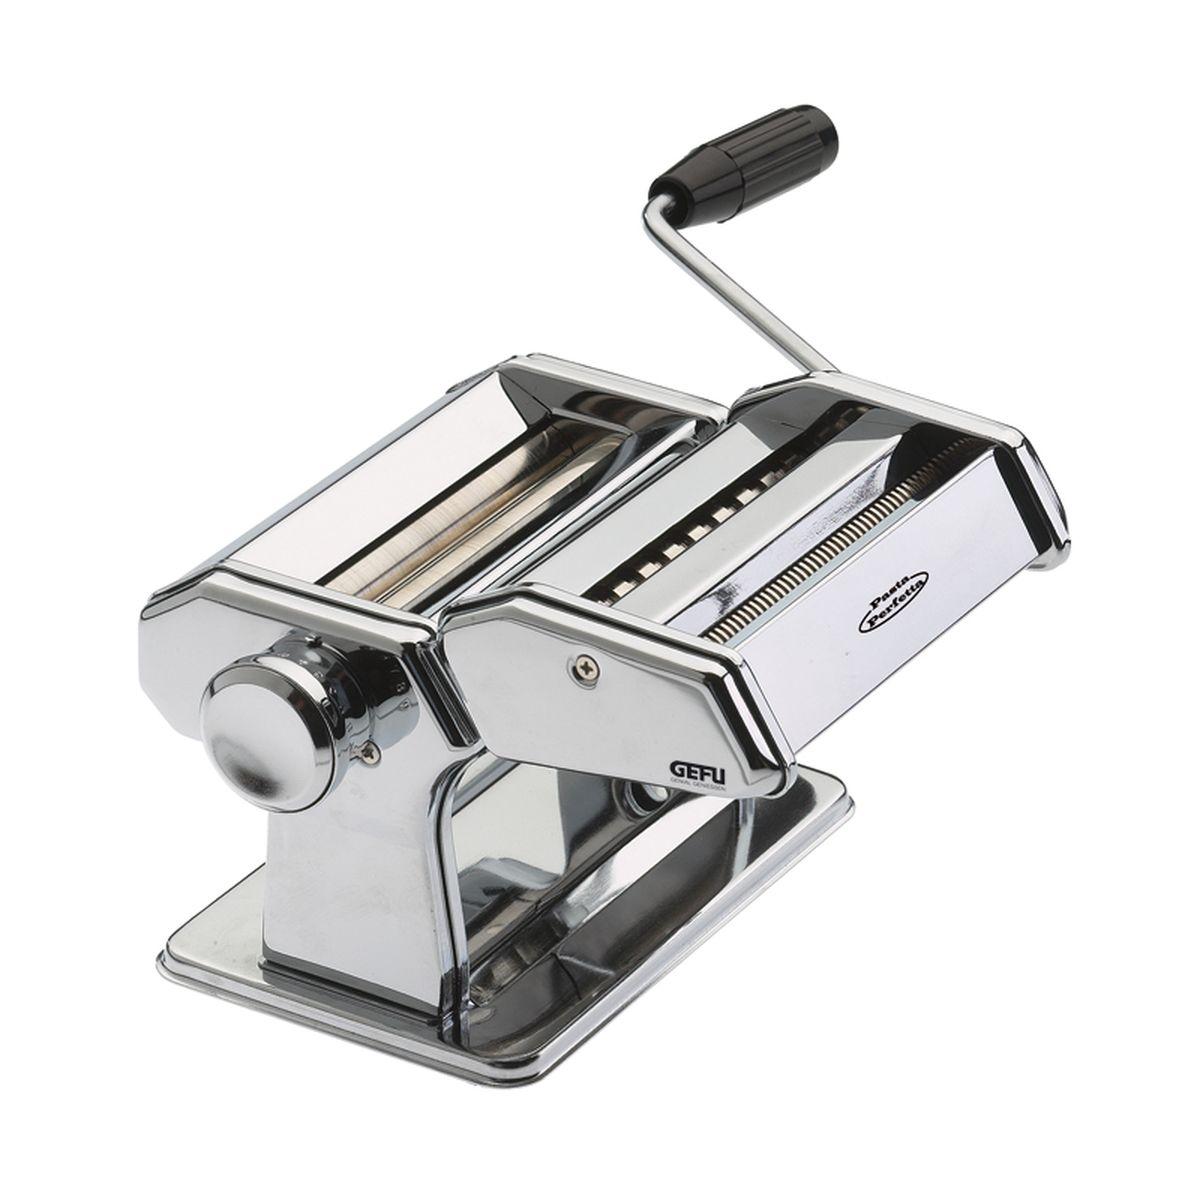 Машинка для пасты Gefu, с 2 насадками68/5/4Машинка «Де люкс» изготовлена из нержавеющей стали. У машинки нескользкое основание, можно прикрепить к столу. Регулируемое раскатывание теста (9 вариантов толщины): от 0, 2 мм до 3 мм. Ширина раскатываемого теста 14, 5 см. В наборе: машина с валиком для раскатывания теста, наконечник для приготовления макаронов равиоли, наконечник для ленточой пасты и спагетти, наконечник для фигурной лапши и вермишелей, ролик для резки листов для лазании, ножка для крепления к столу. После использования протереть салфеткой или щеткой (не мыть).